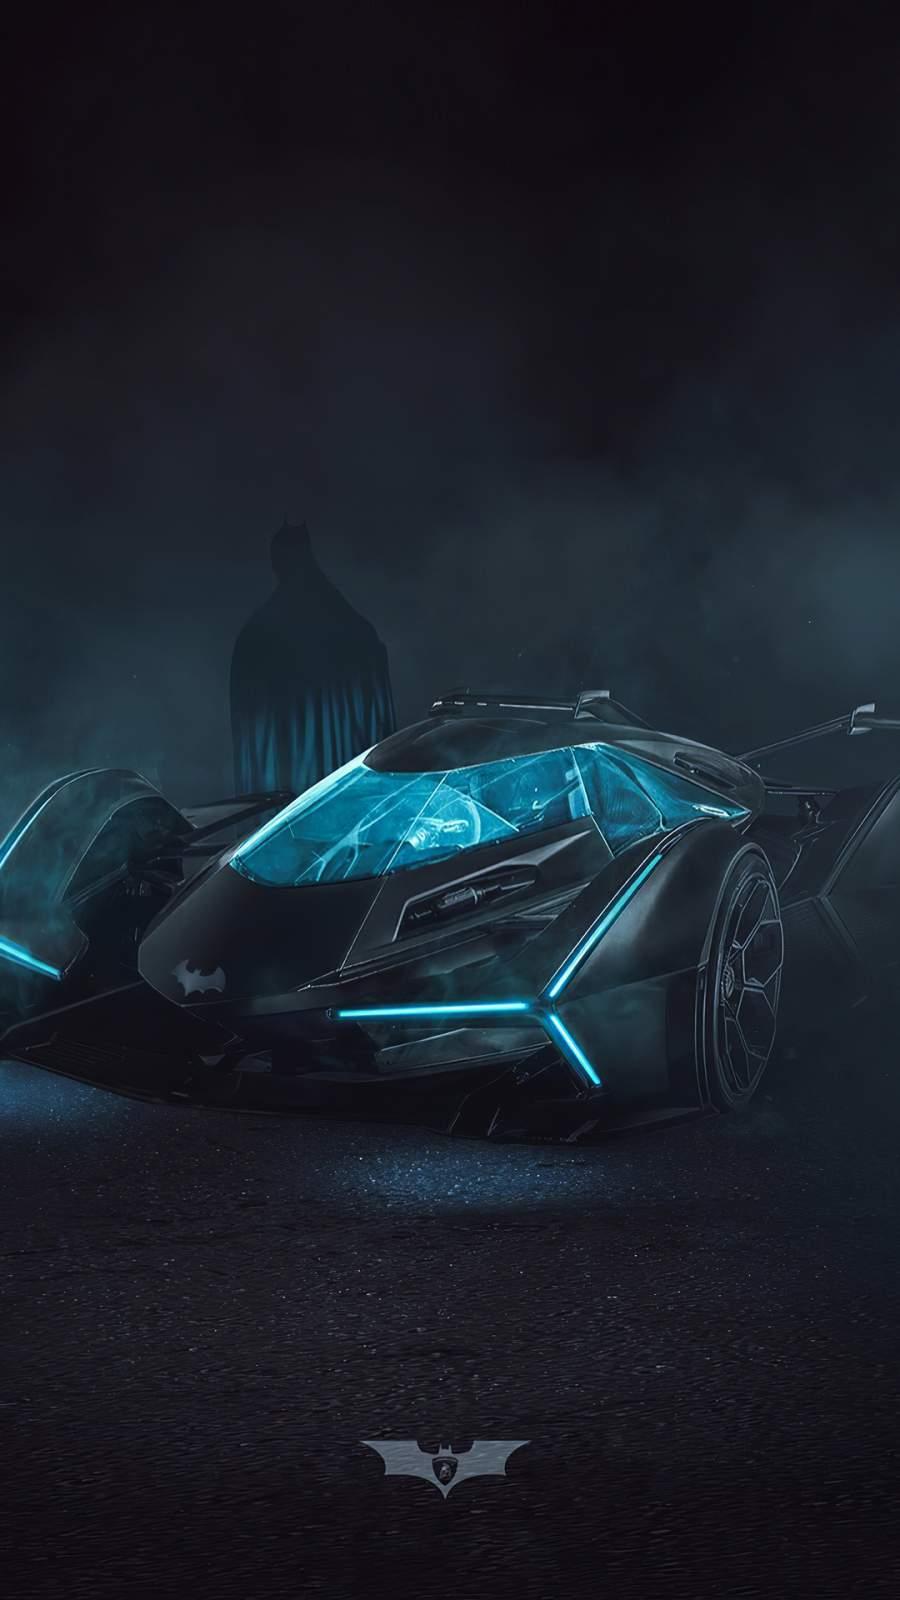 Batman Batmobile iPhone Wallpaper